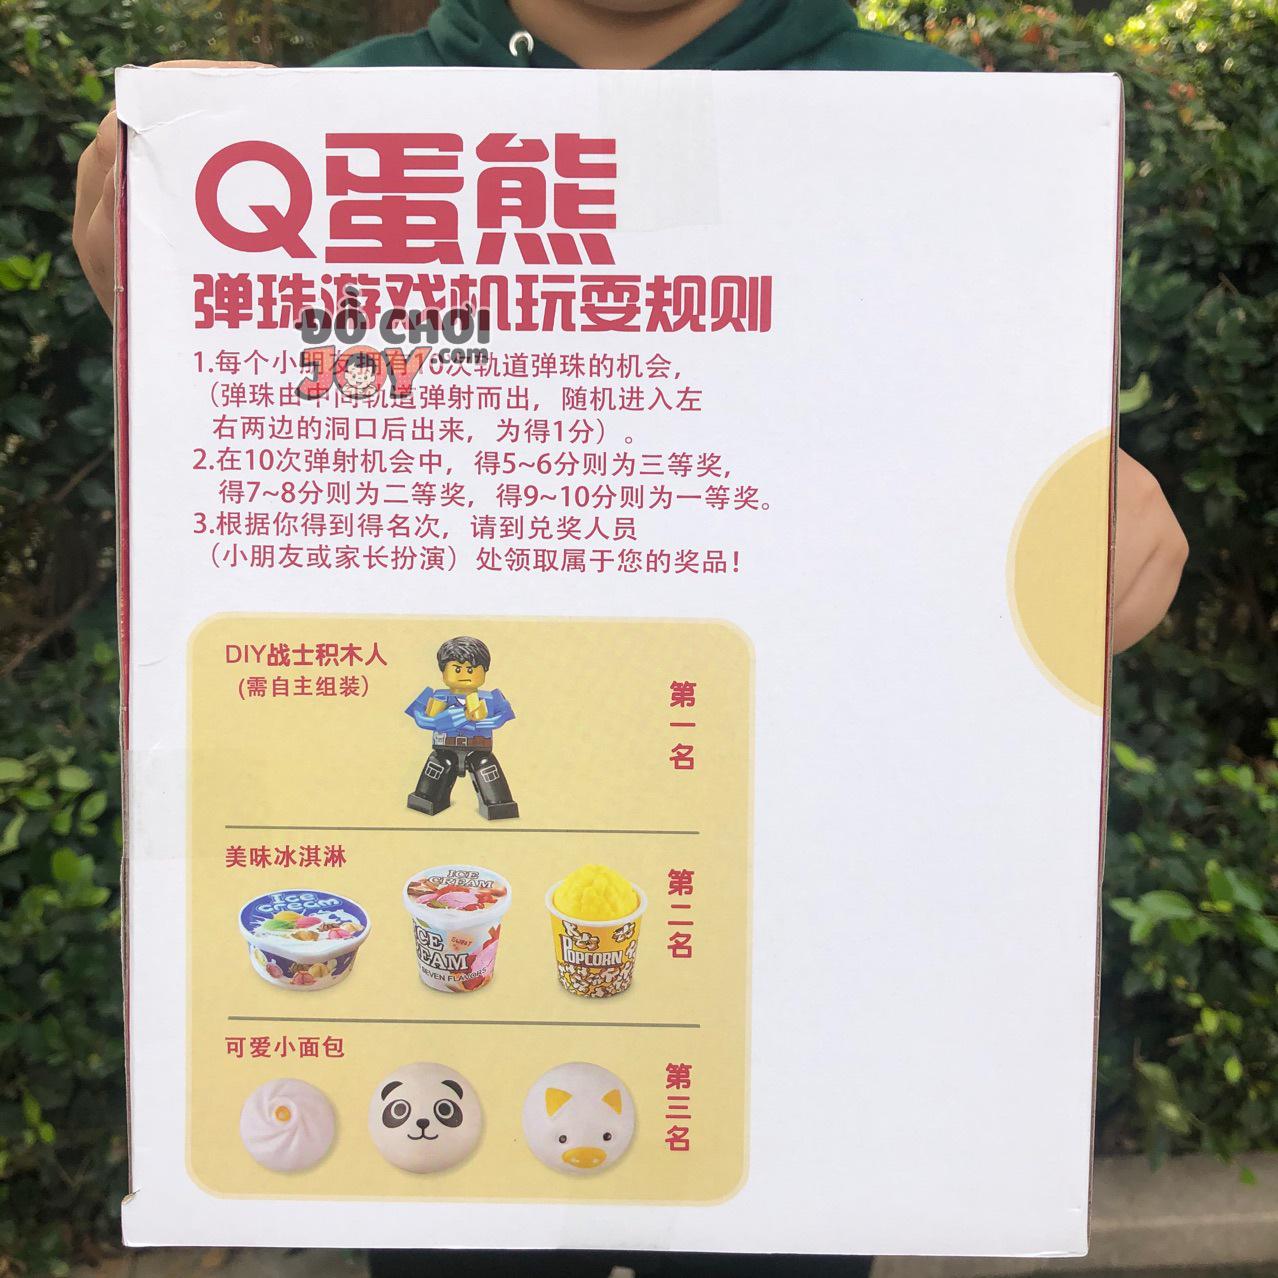 [Hàng Order] Máy pinball trẻ em - Đồ chơi trong nhà